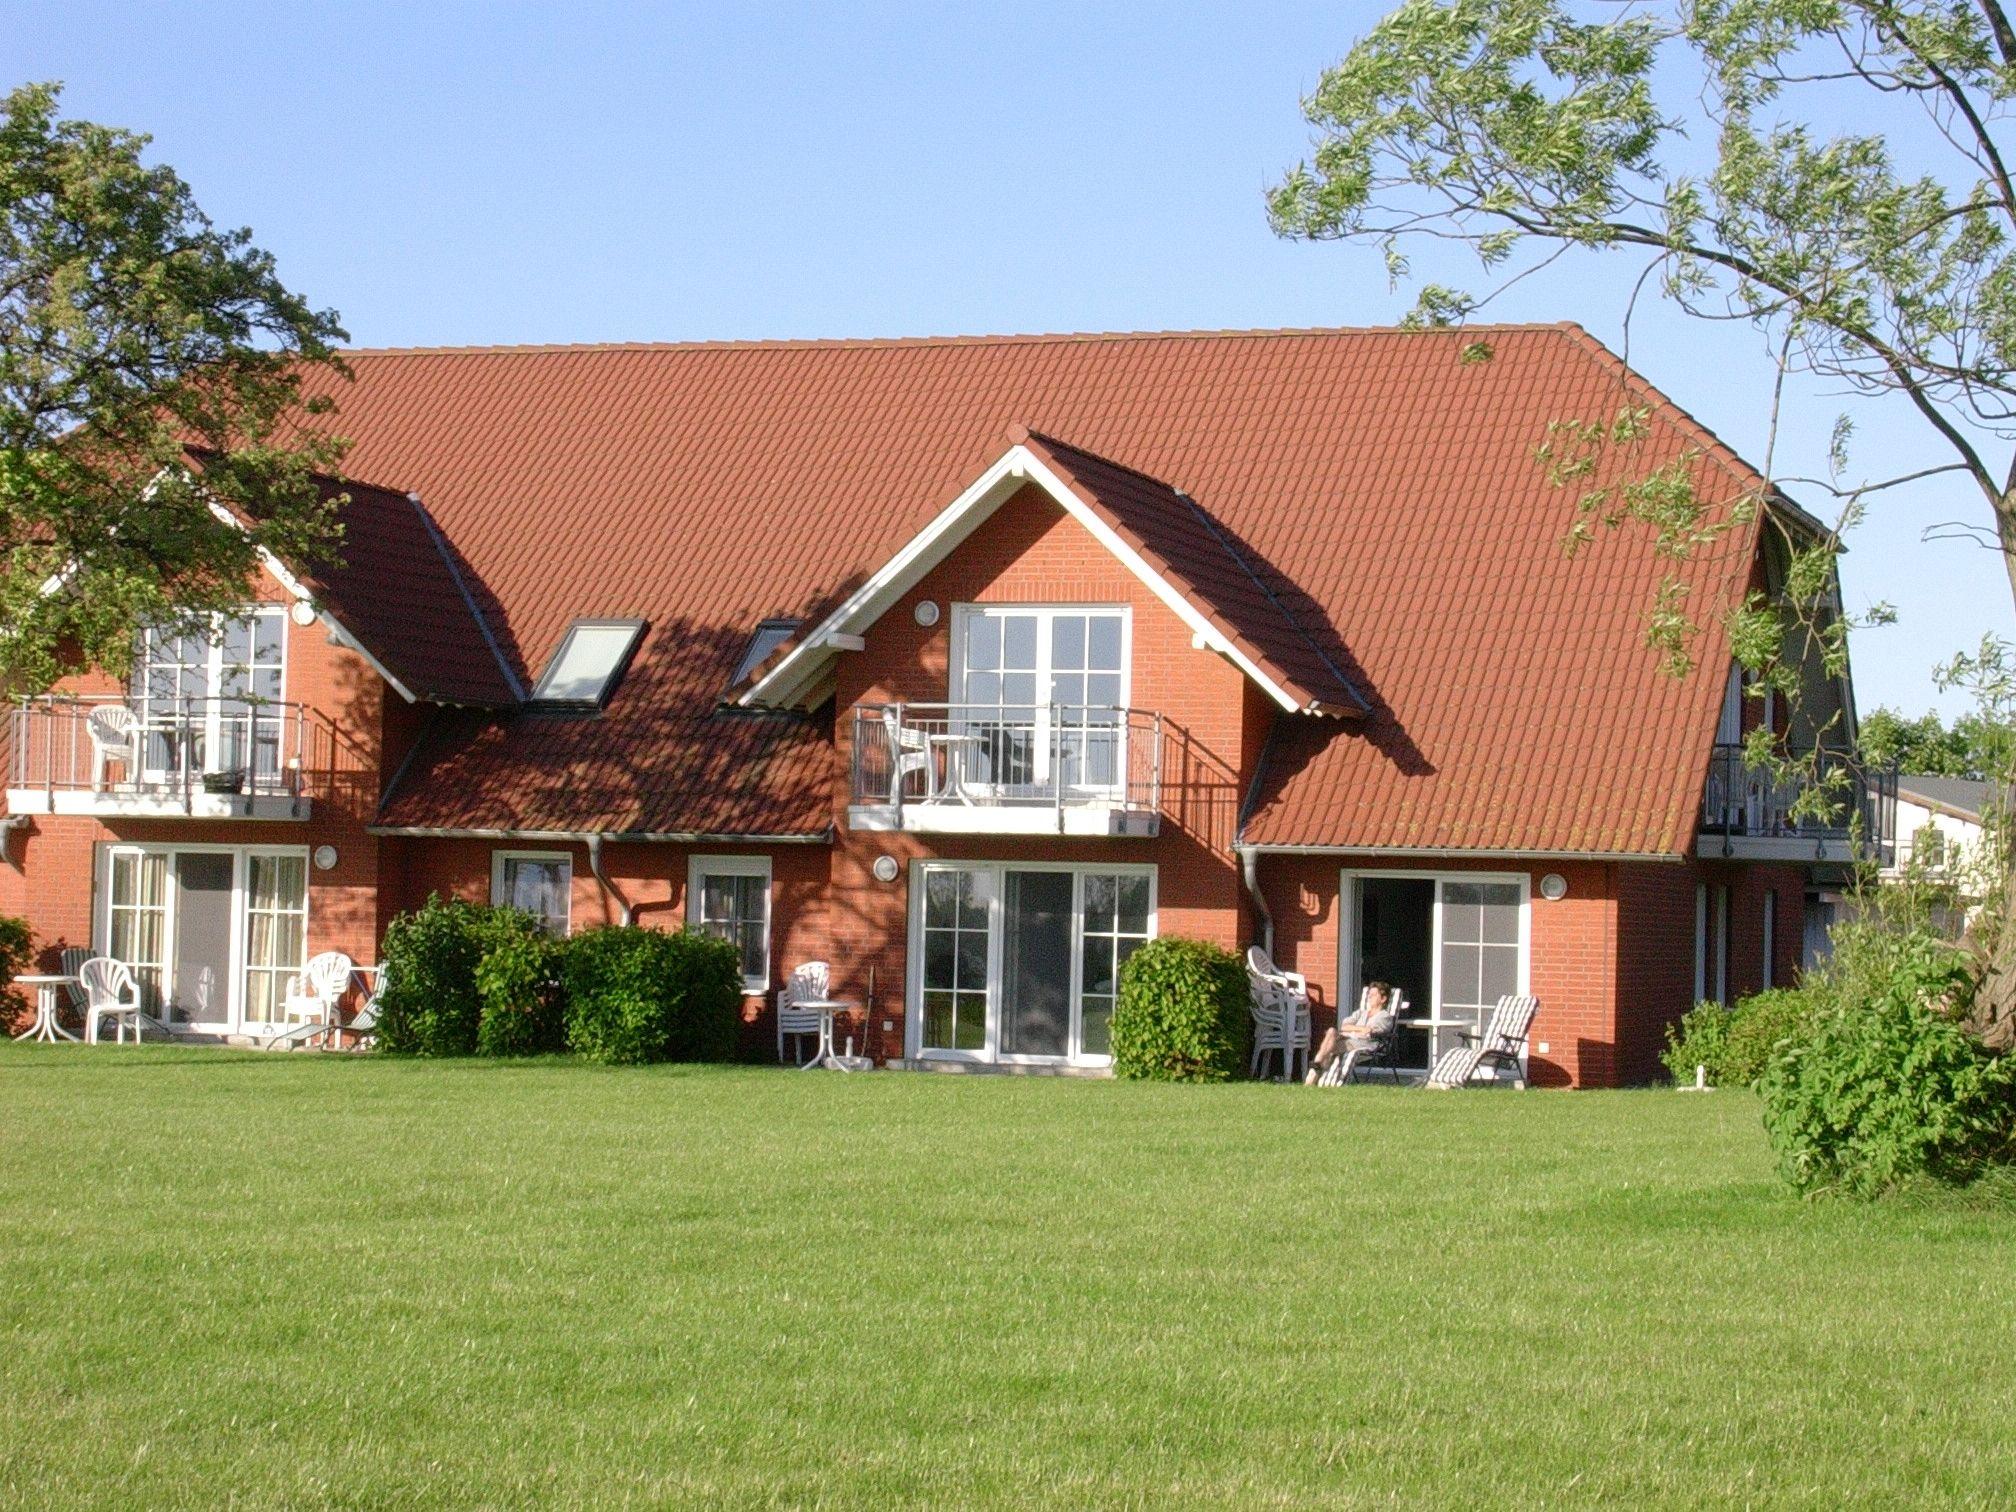 """Ferienresidenz """"Am Salzhaff"""" in Blengow Urlaub zwischen Salzhaff und Ostsee"""